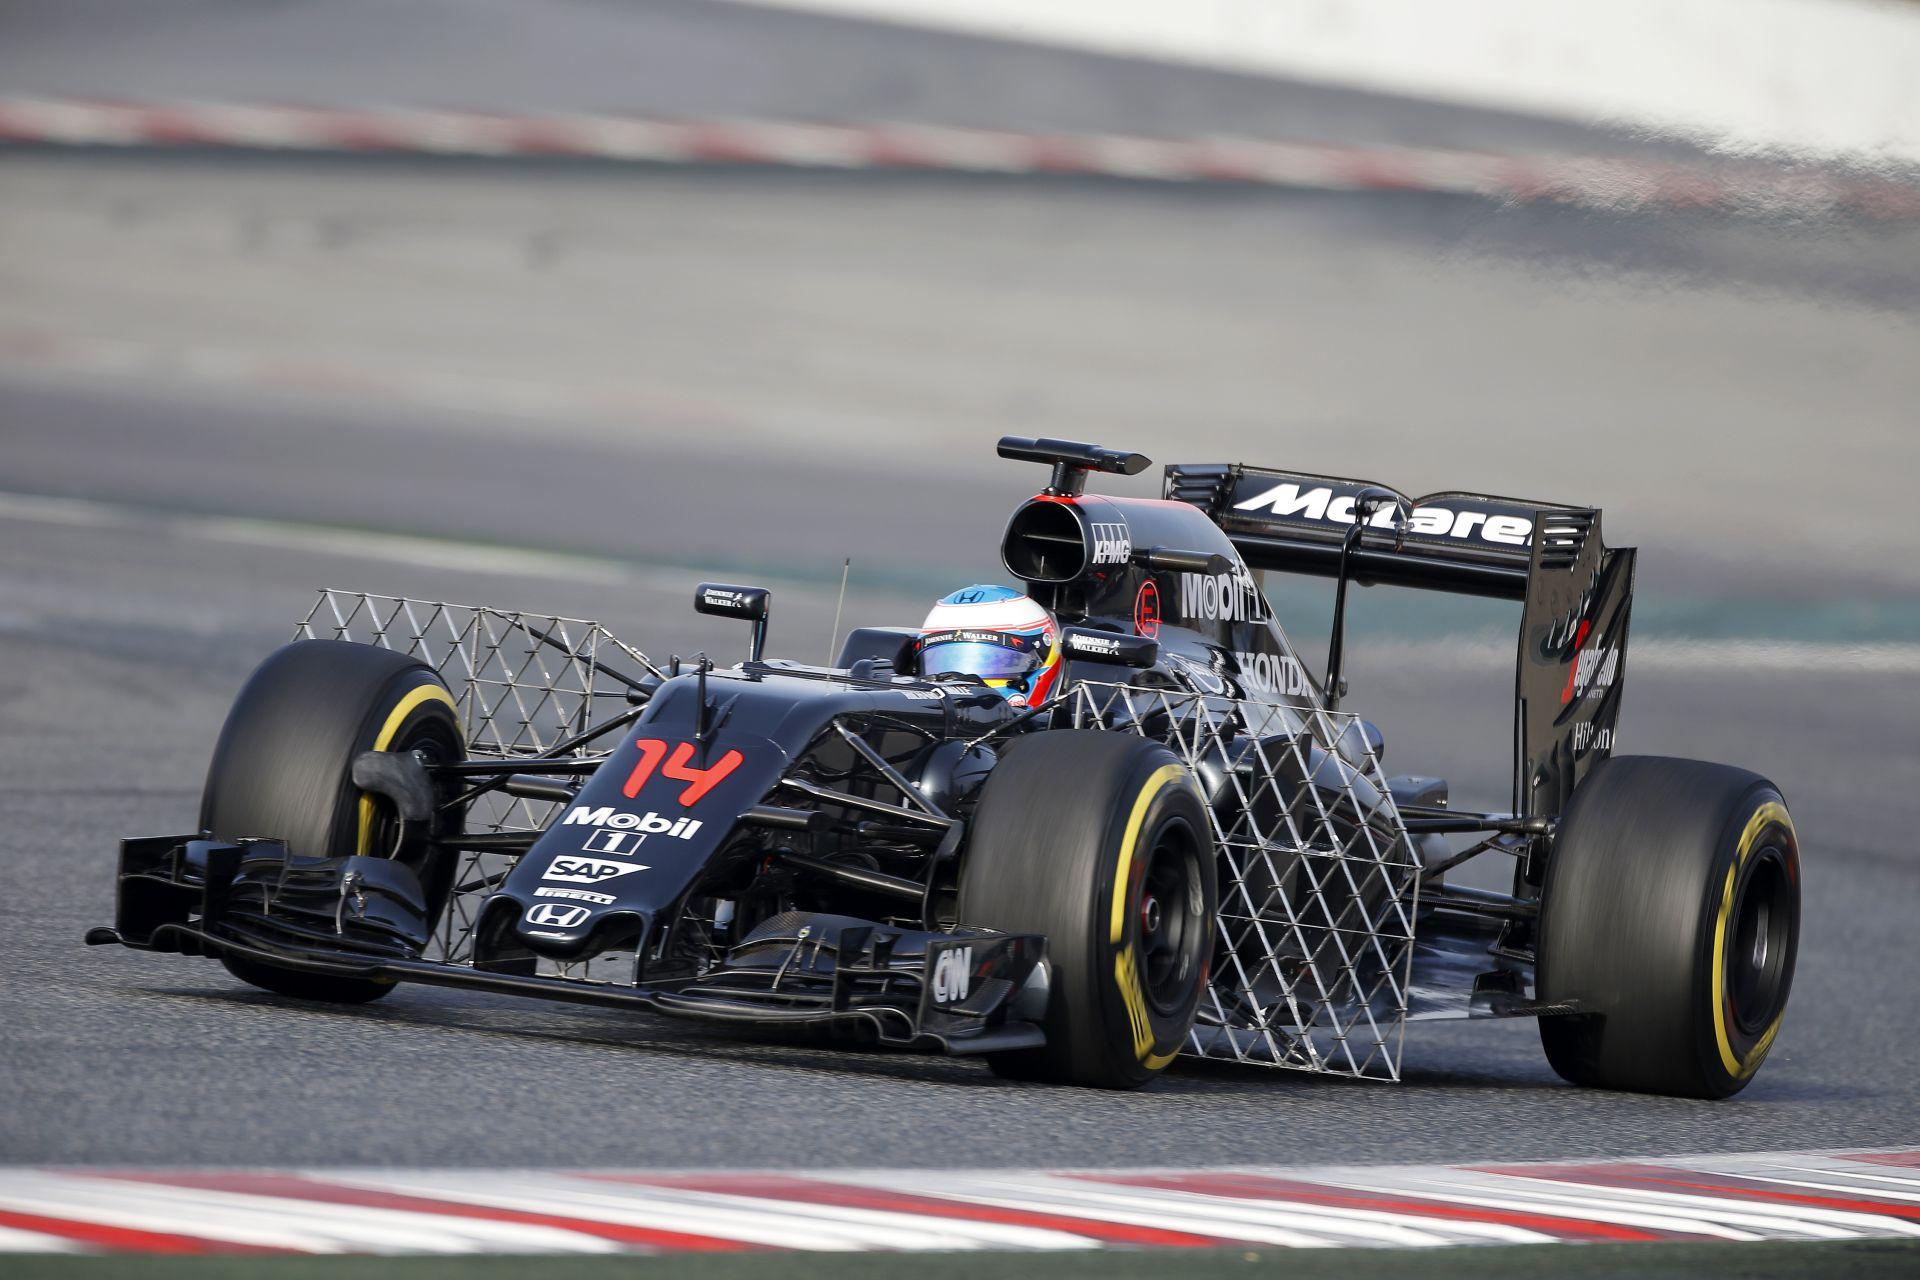 Pletyka, amivel jobb nem foglalkozni – ma dönt Alonso a folytatásról?